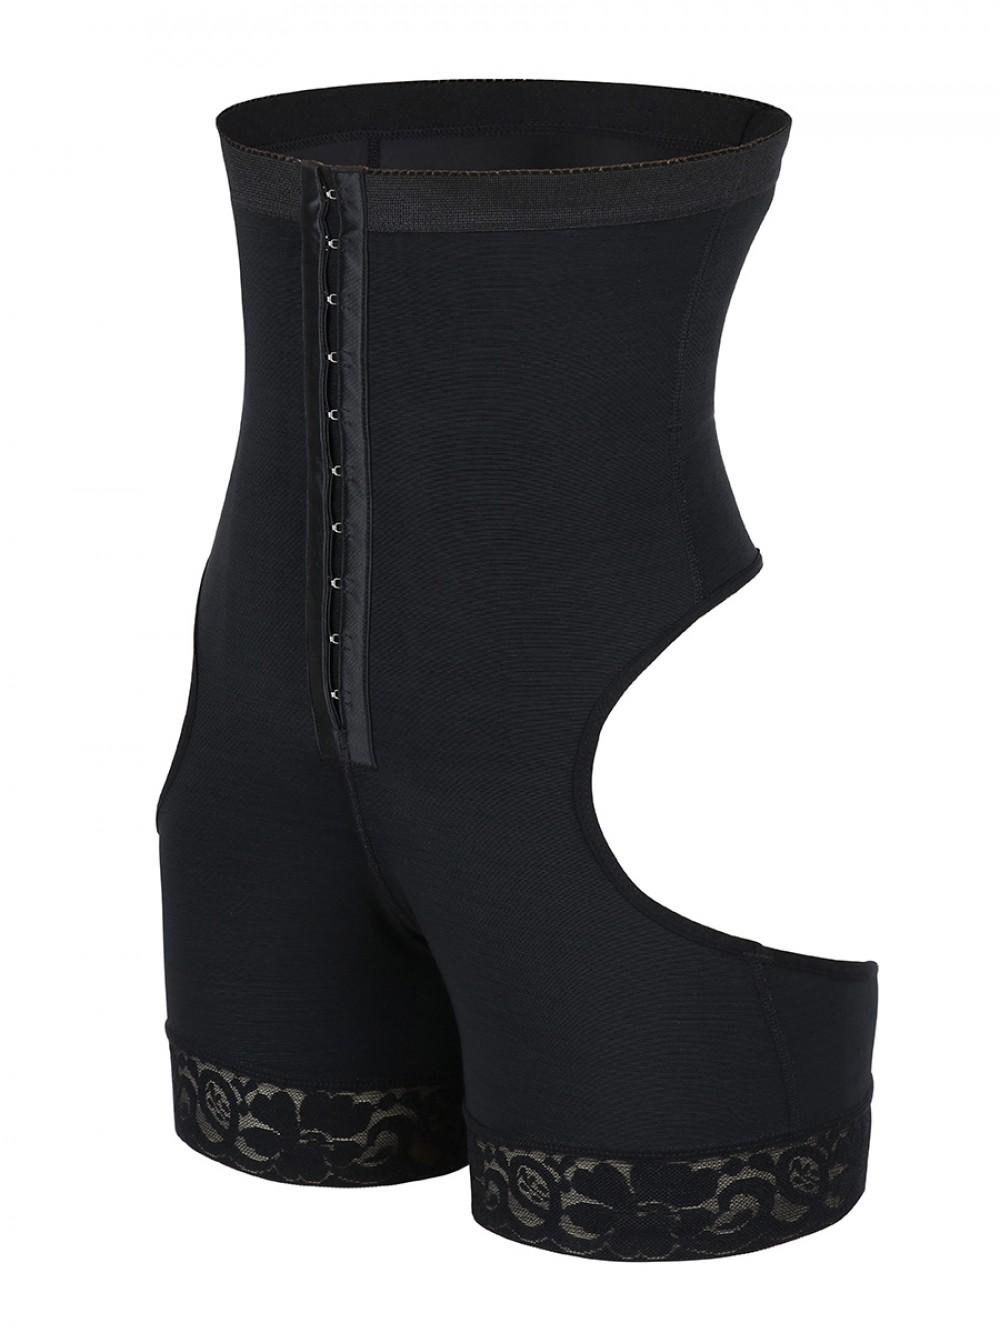 Black High Waist Open Butt Shapewear Shorts Hourglass Figure